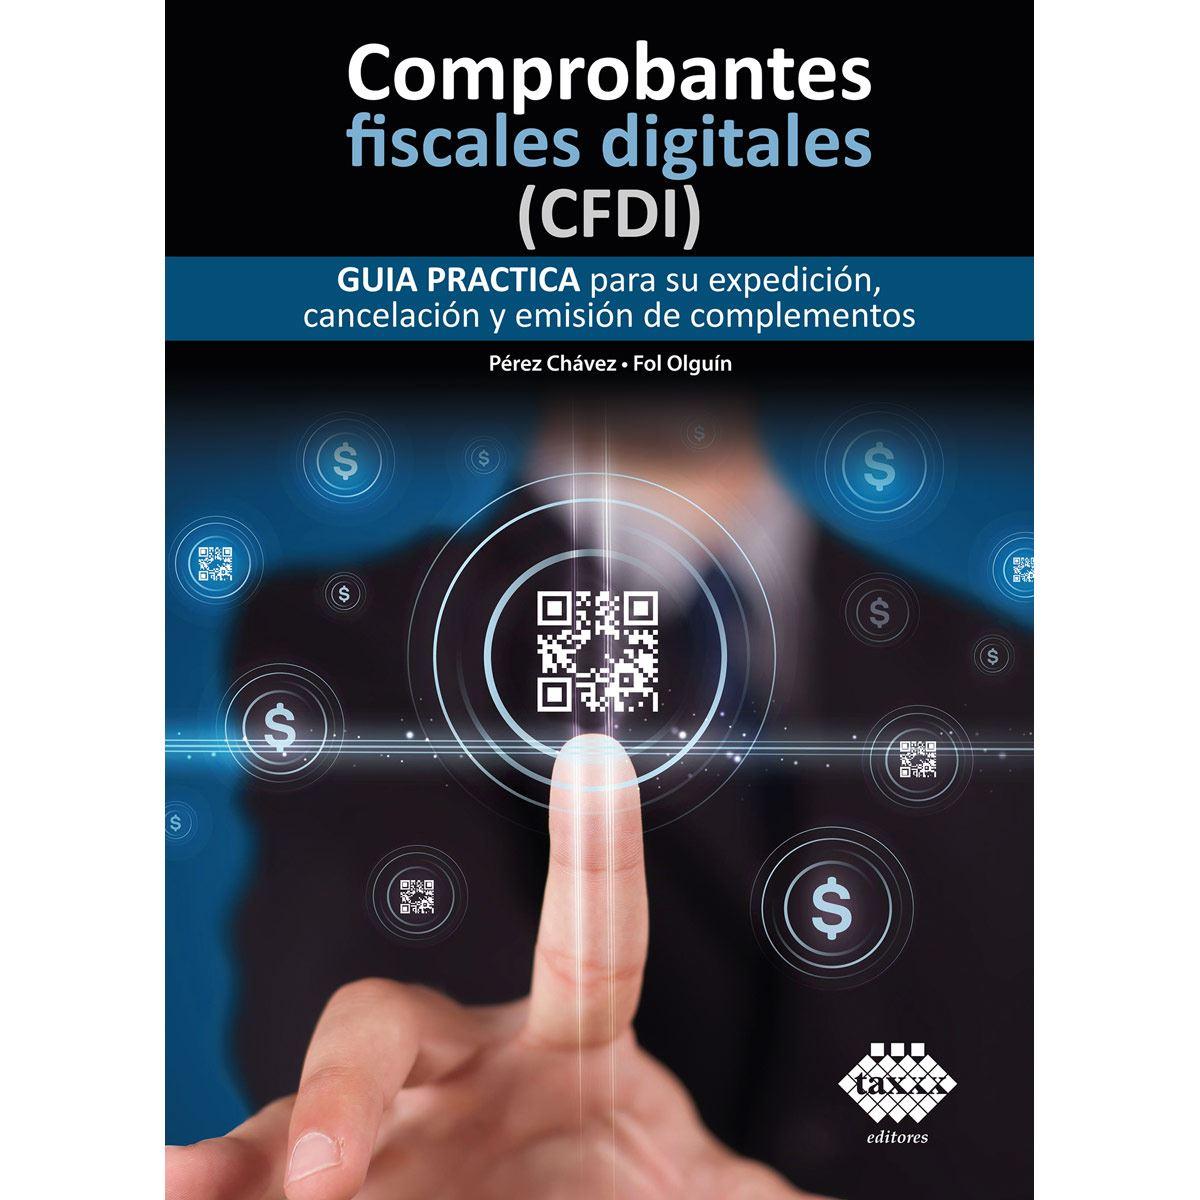 Comprobantes fiscales digitales (CFDI) 2021